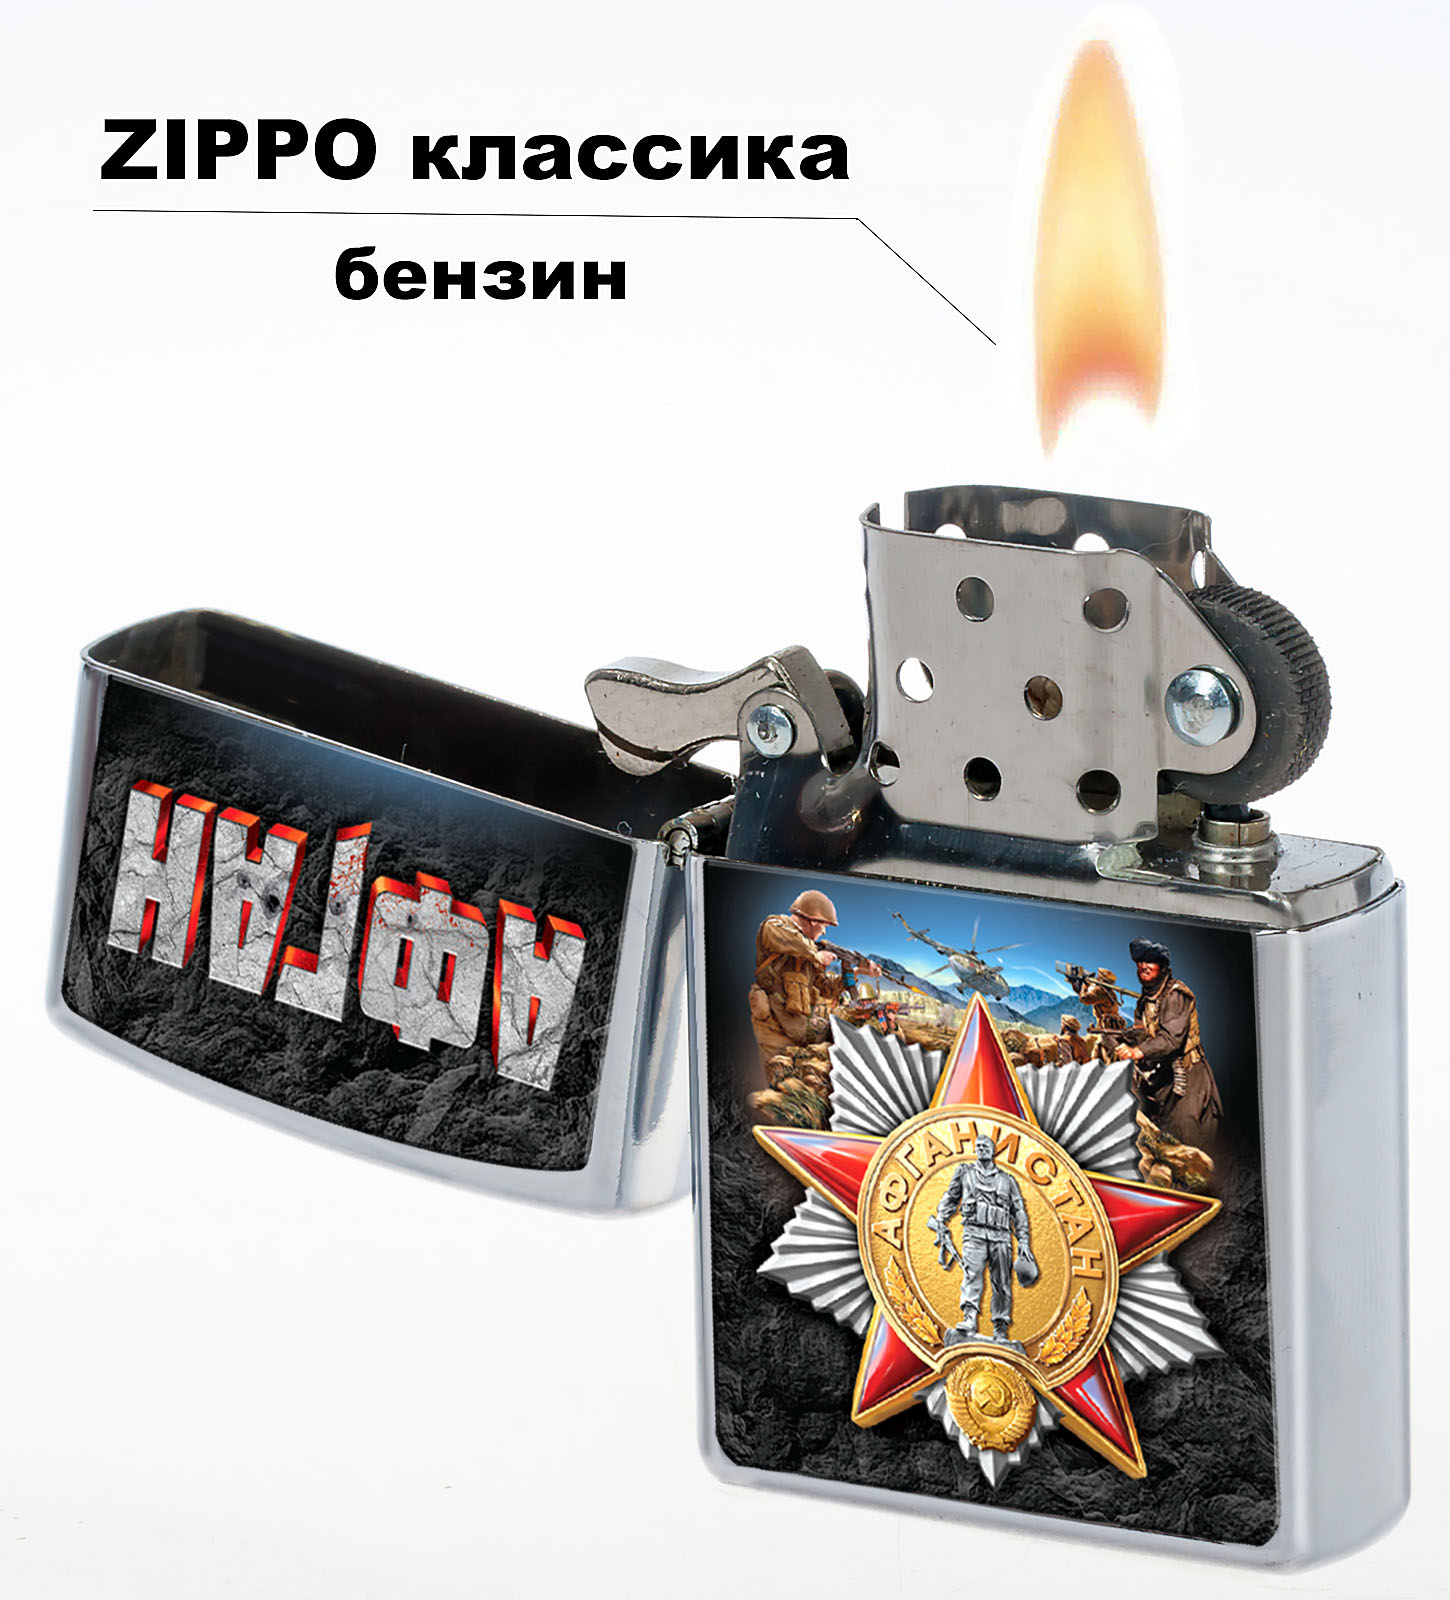 Купить дизайнерскую бензиновую зажигалку